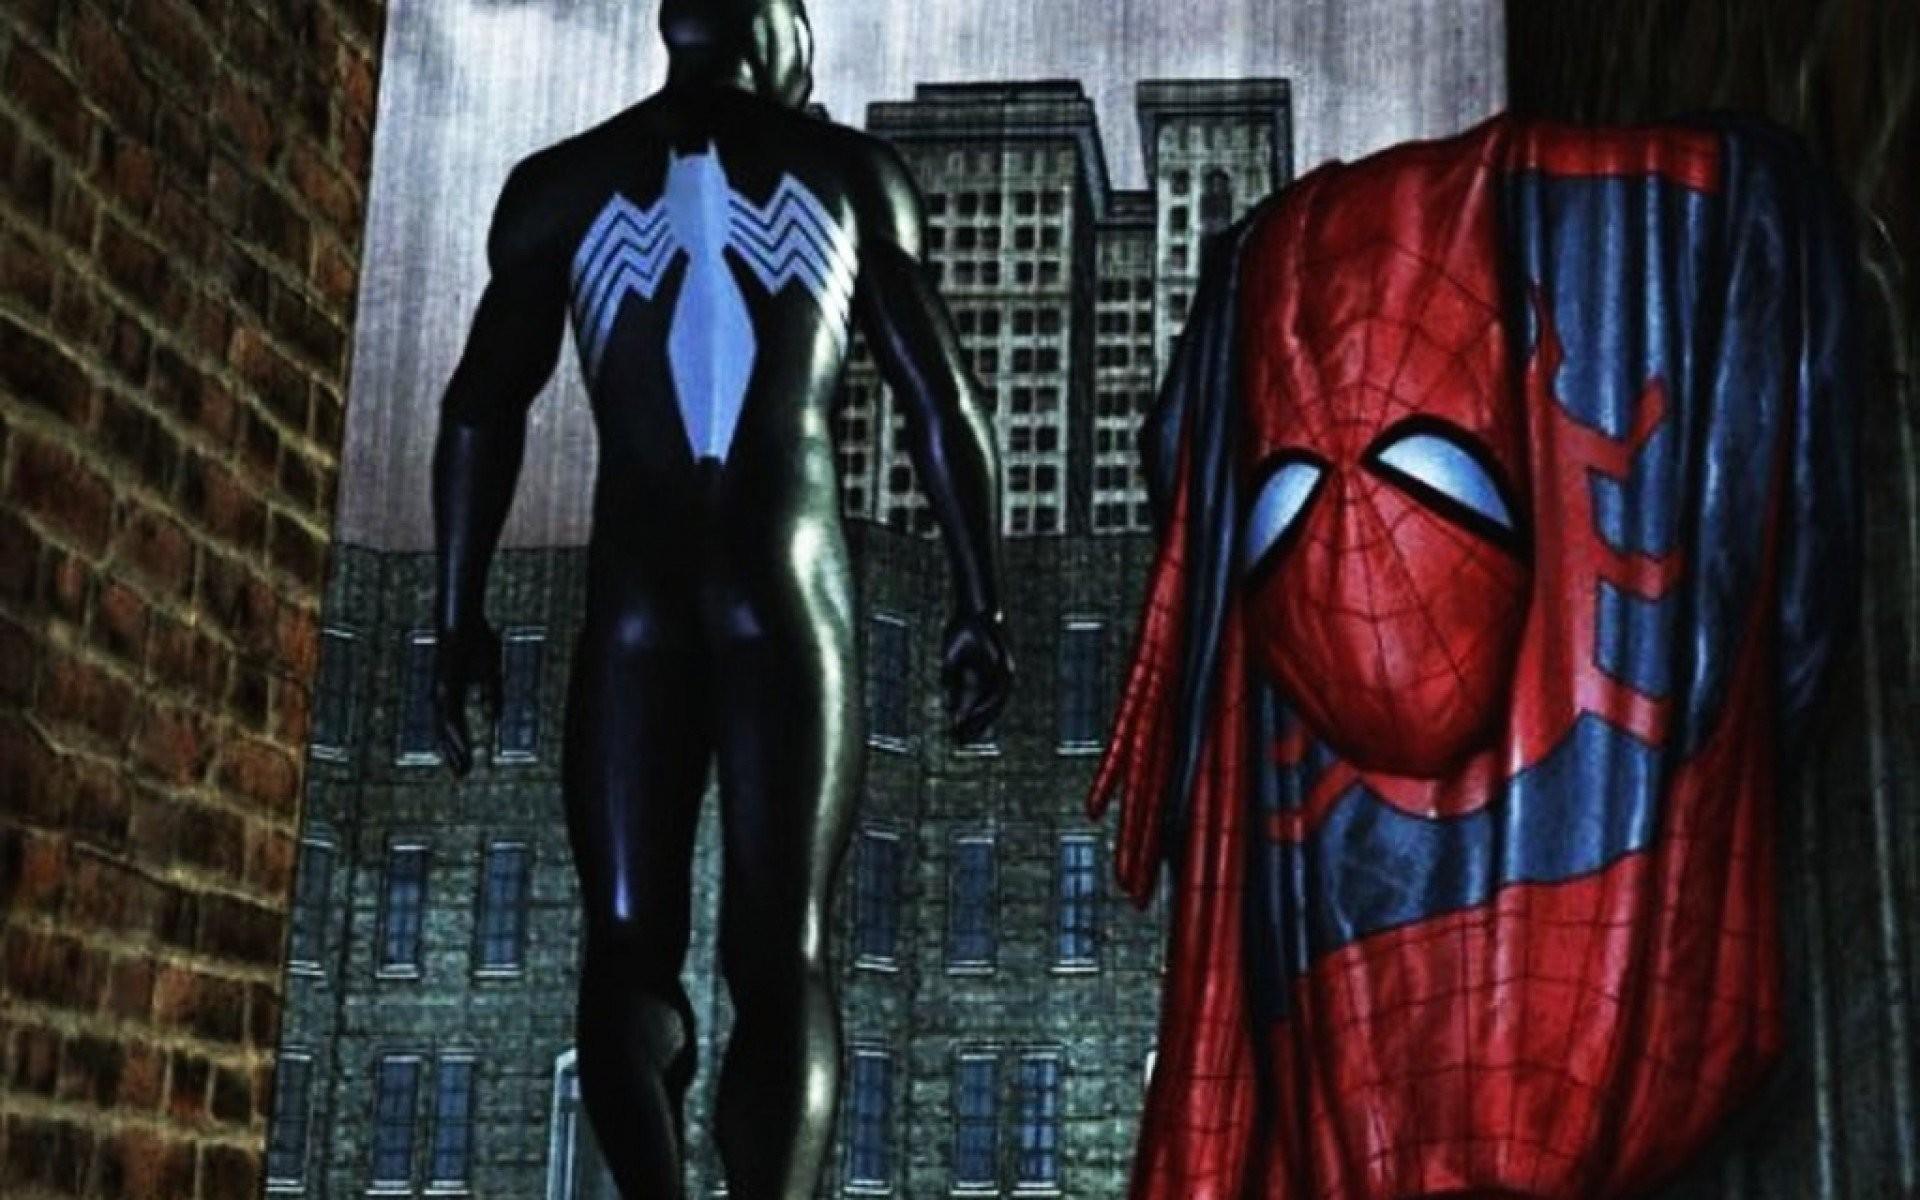 Black Spiderman Wallpapers - Black Suit Spiderman Wallpaper Hd - HD Wallpaper